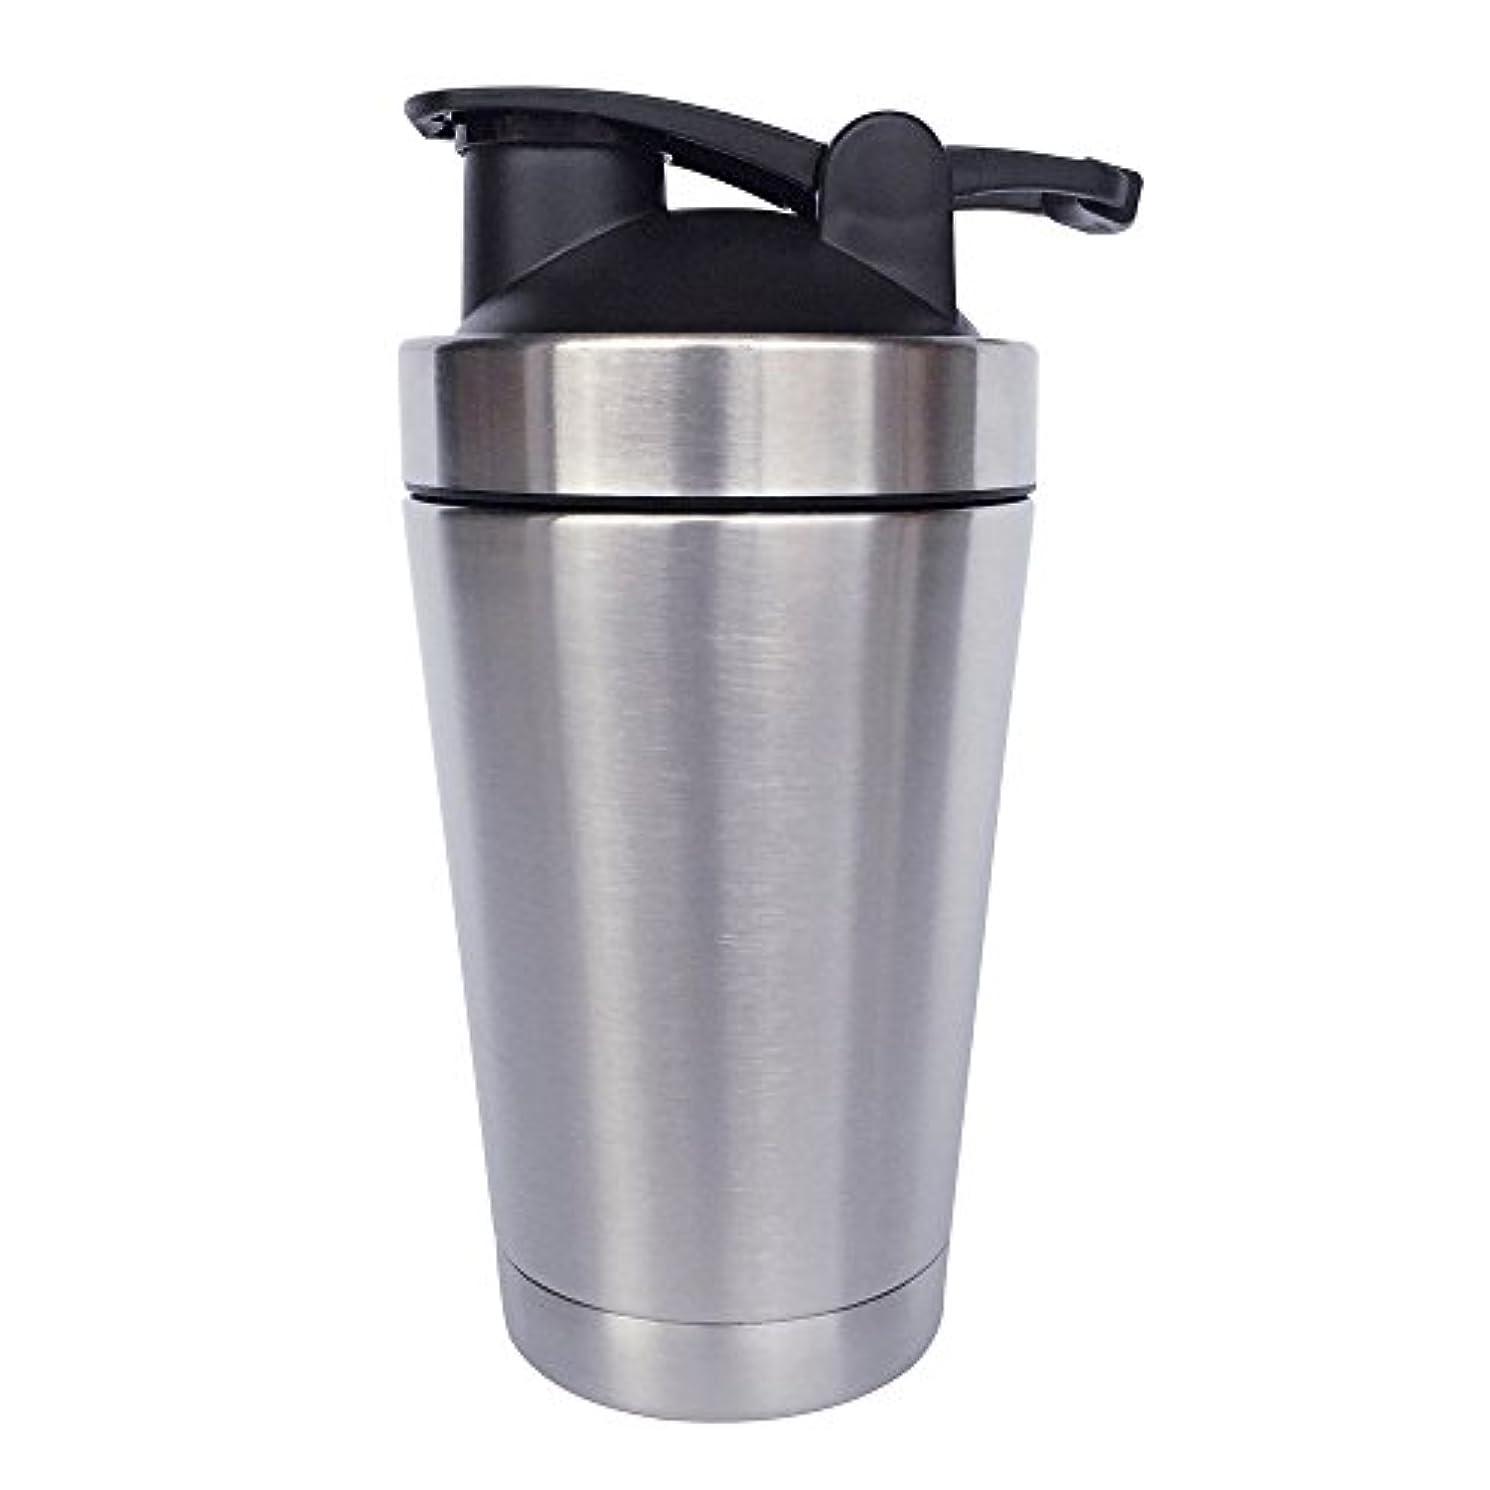 標準数どきどきステンレス鋼 スポーツウォーターボトル タンパク質ミルクセーキシェーカー?カップ 振ってボール 小さいサイズ 500ml